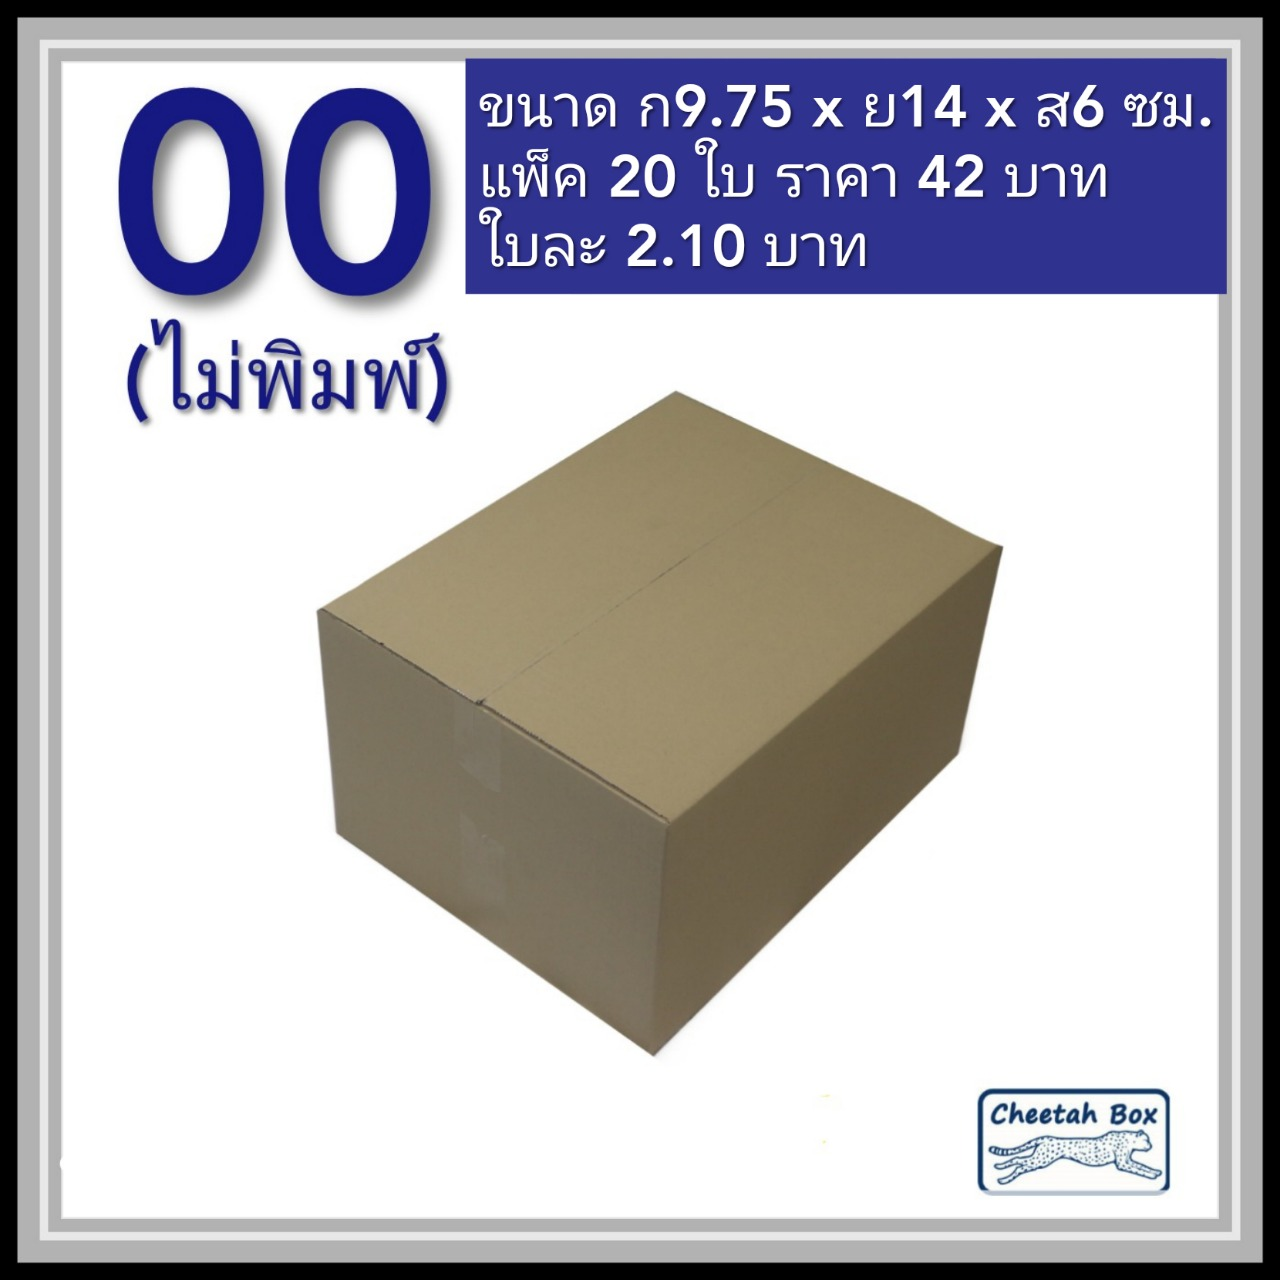 กล่องไปรษณีย์ 00 ไม่พิมพ์ (Cheetah Box ขนาด 9.75*14*6 CM)